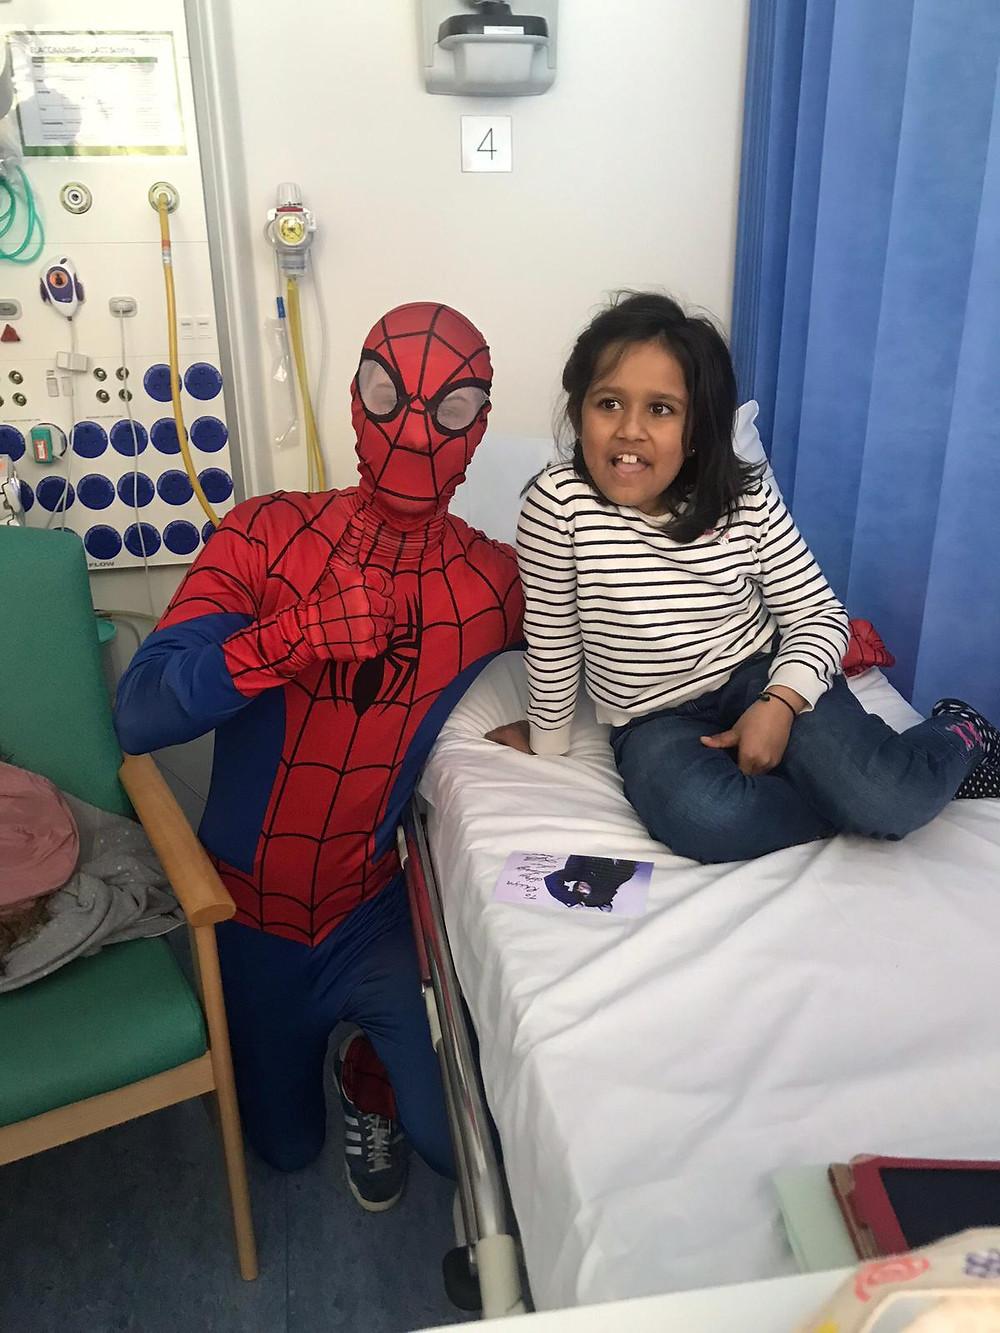 Spider-Man making new friends!